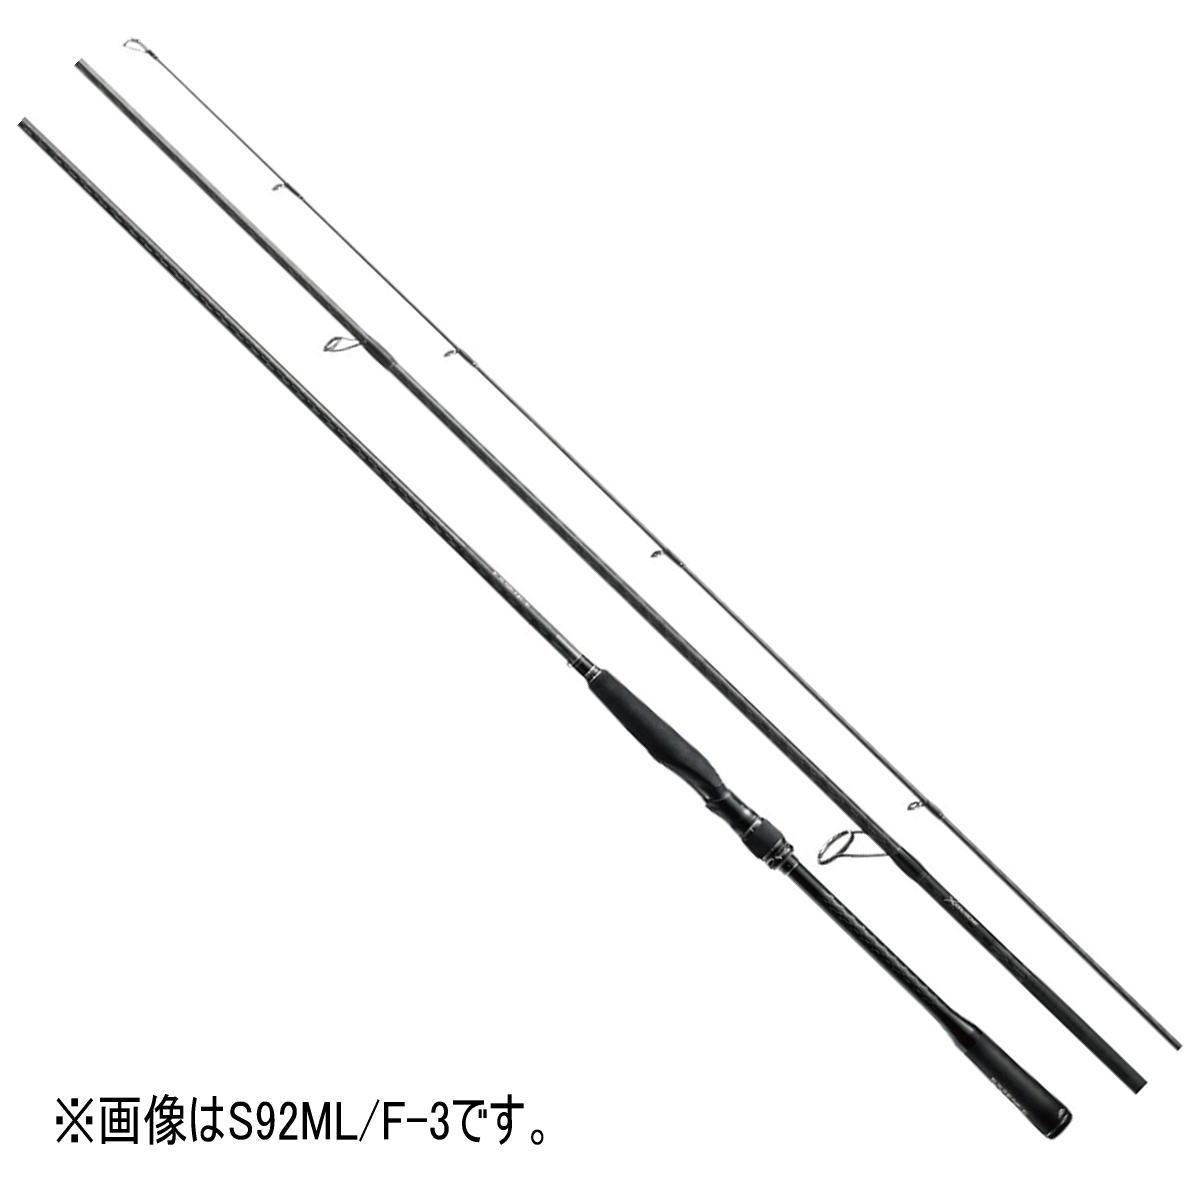 【送料無料5】シマノ 18 エクスセンス ジェノス S92ML/F-3